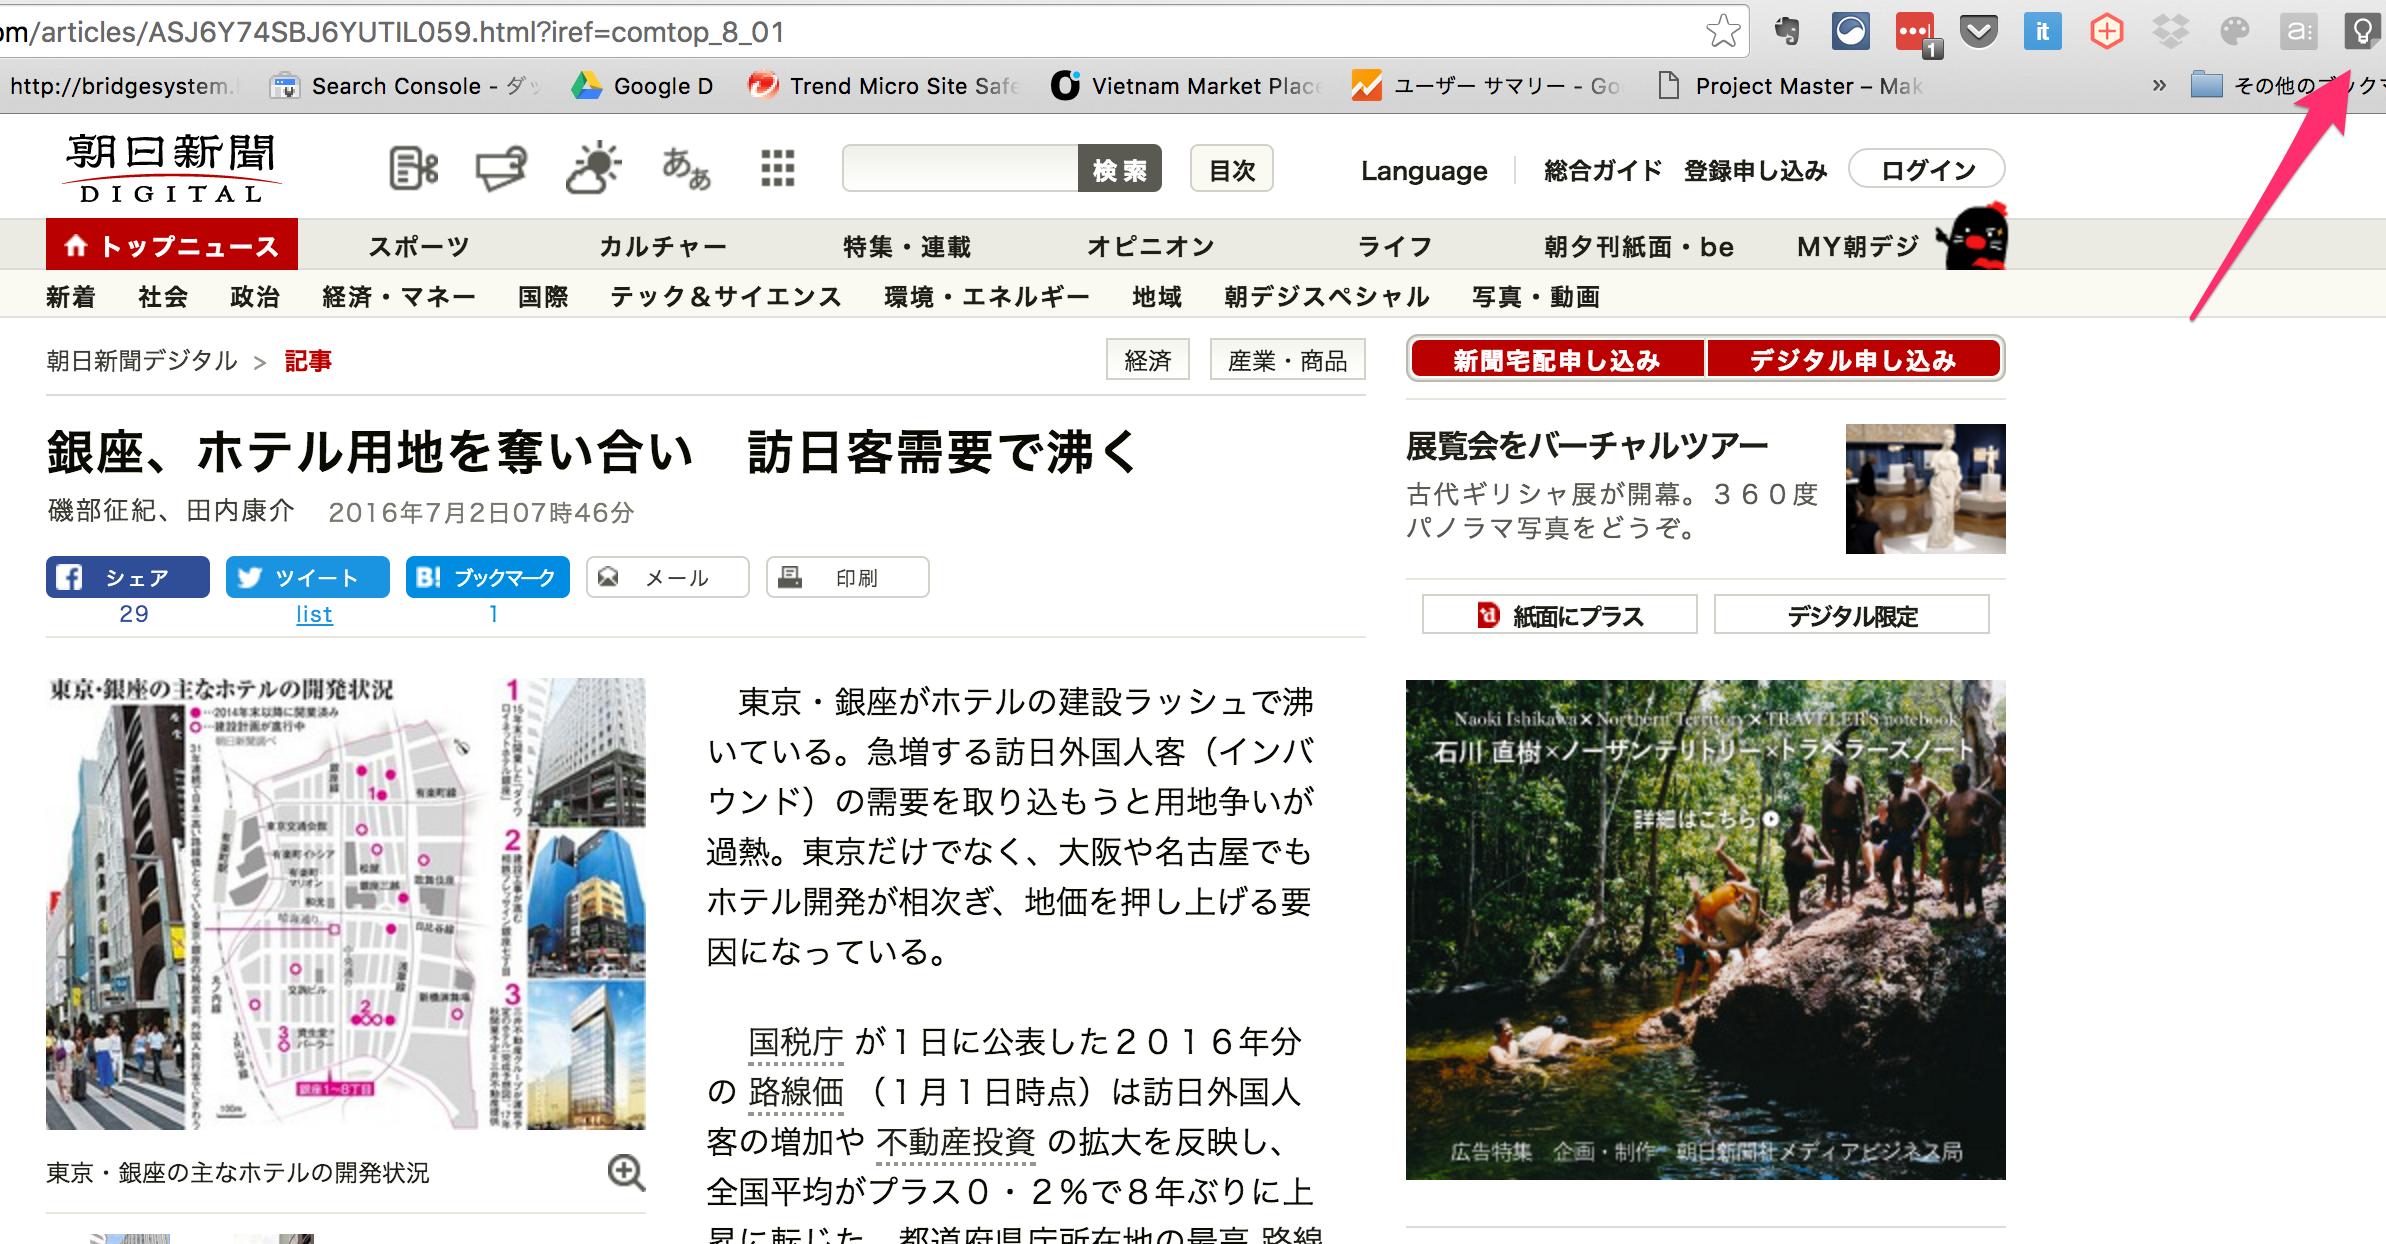 銀座、ホテル用地を奪い合い 訪日客需要で沸く:朝日新聞デジタル.6142ccccdb7f4226ab85492097dcdfa4